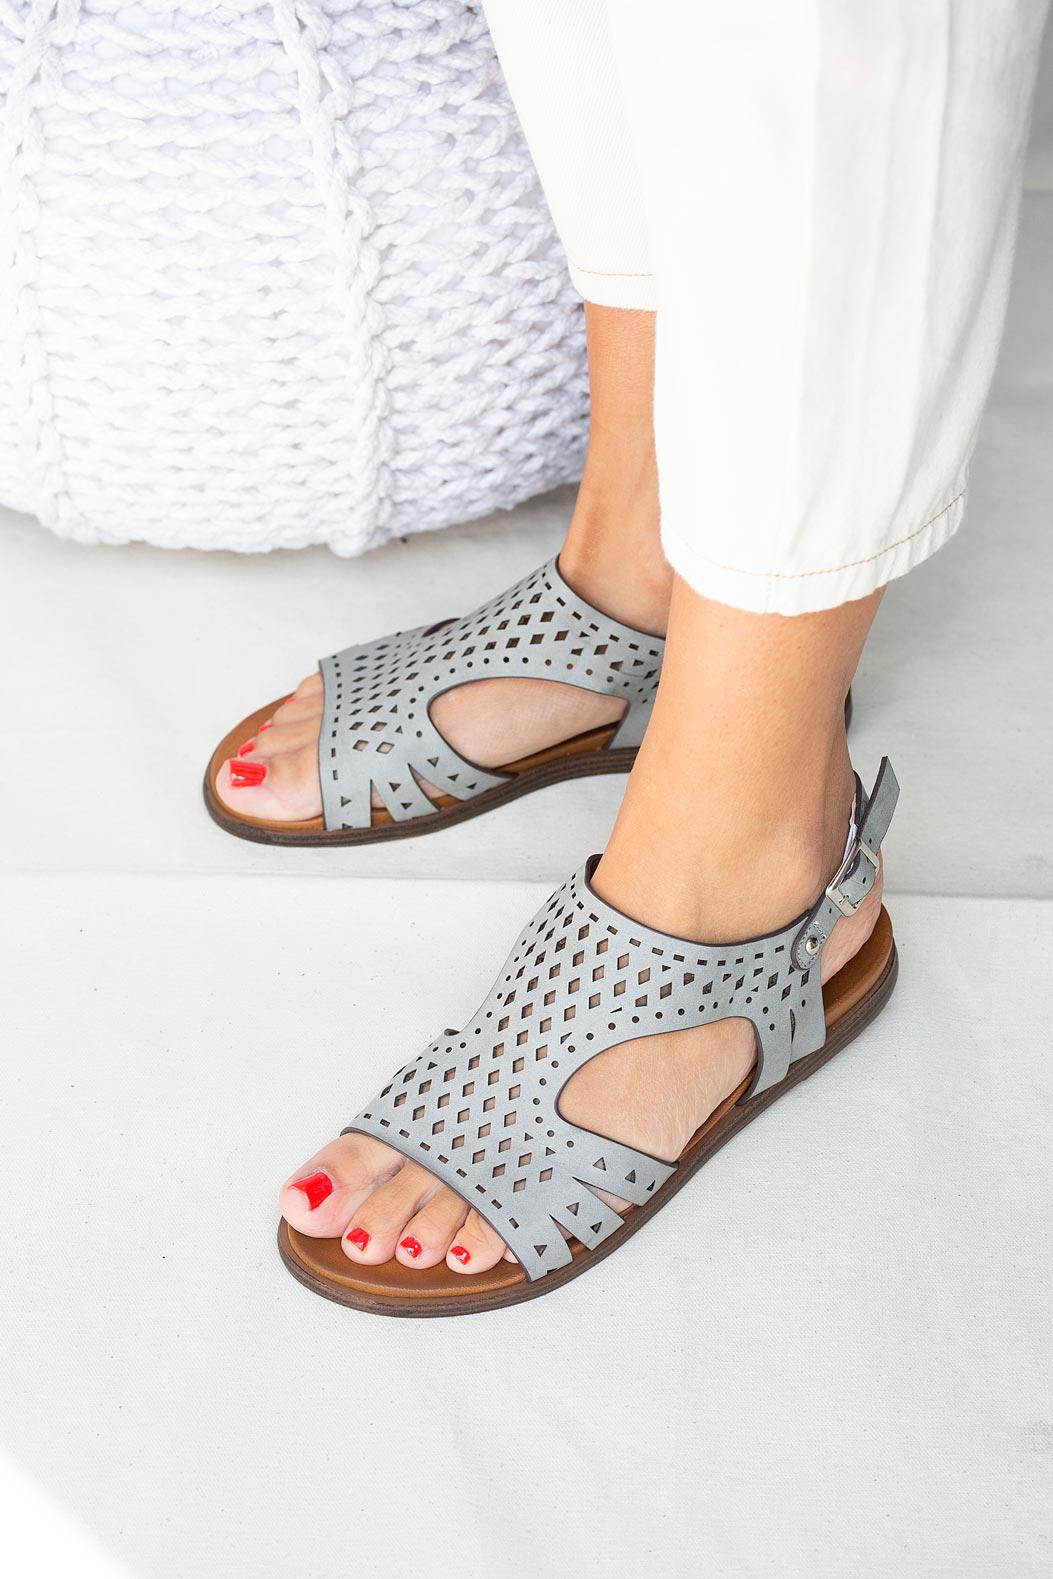 Szare sandały płaskie ażurowe Casu K20X1/G producent Casu